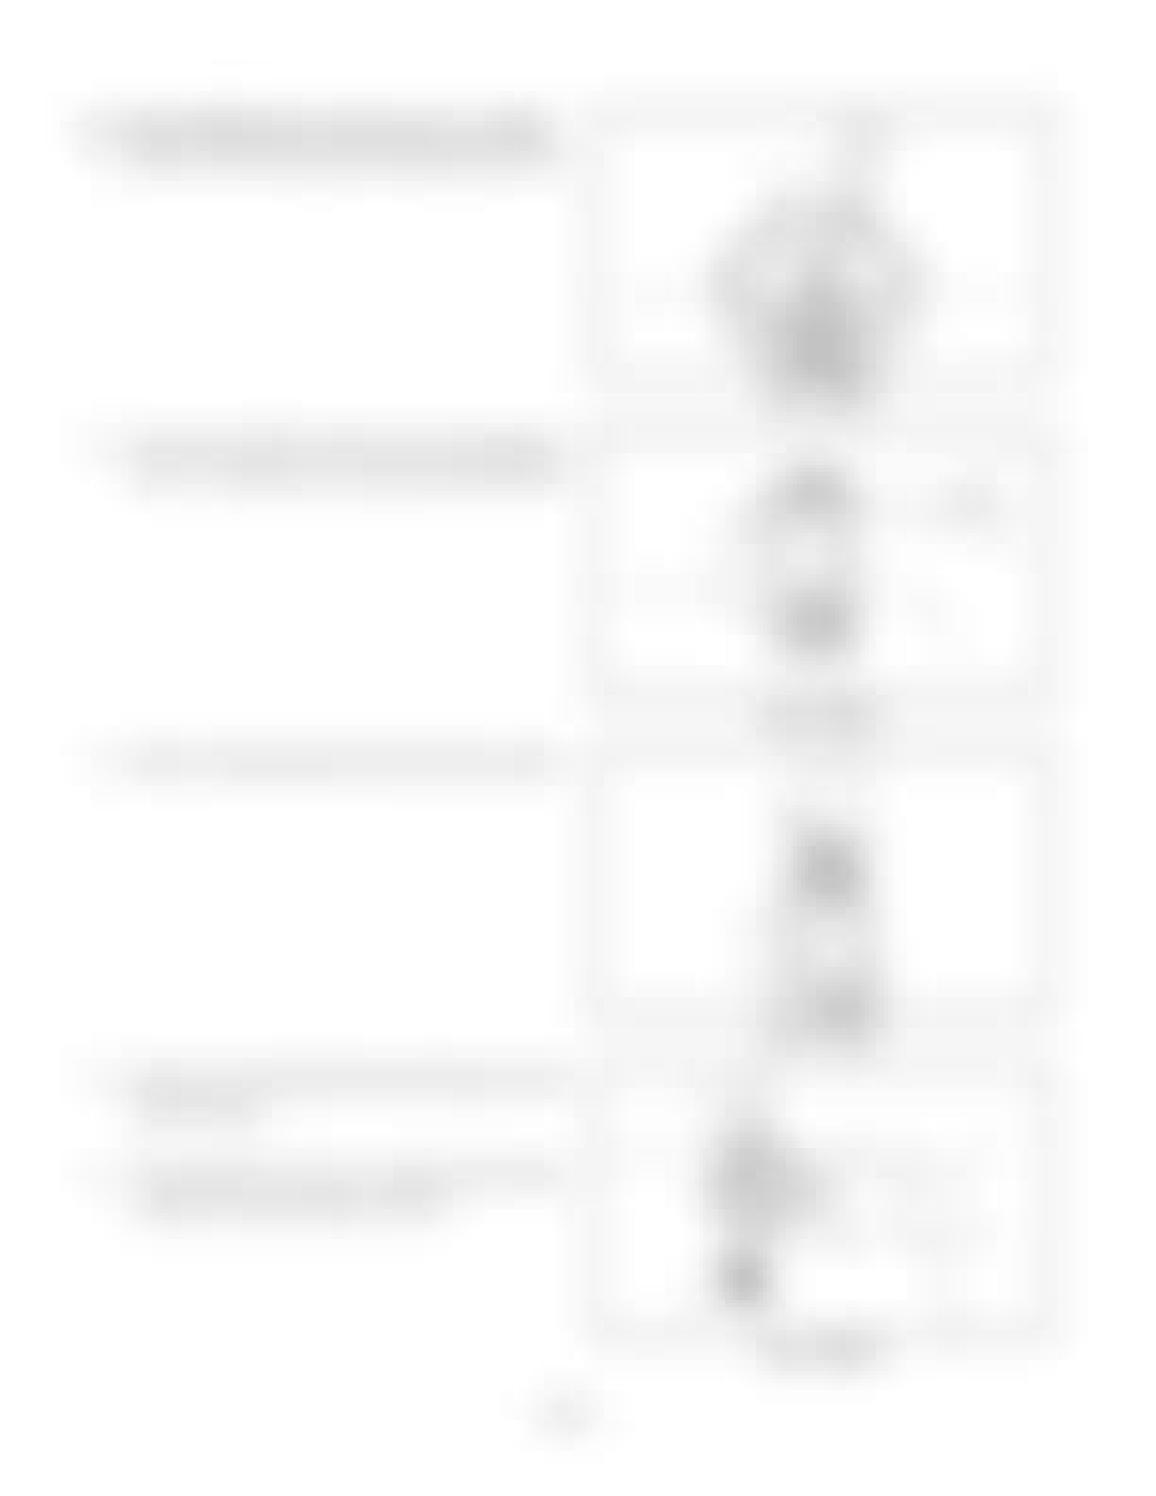 Hitachi LX110-7 LX130-7 LX160-7 LX190-7 LX230-7 Wheel Loader Workshop Manual - PDF DOWNLOAD page 190